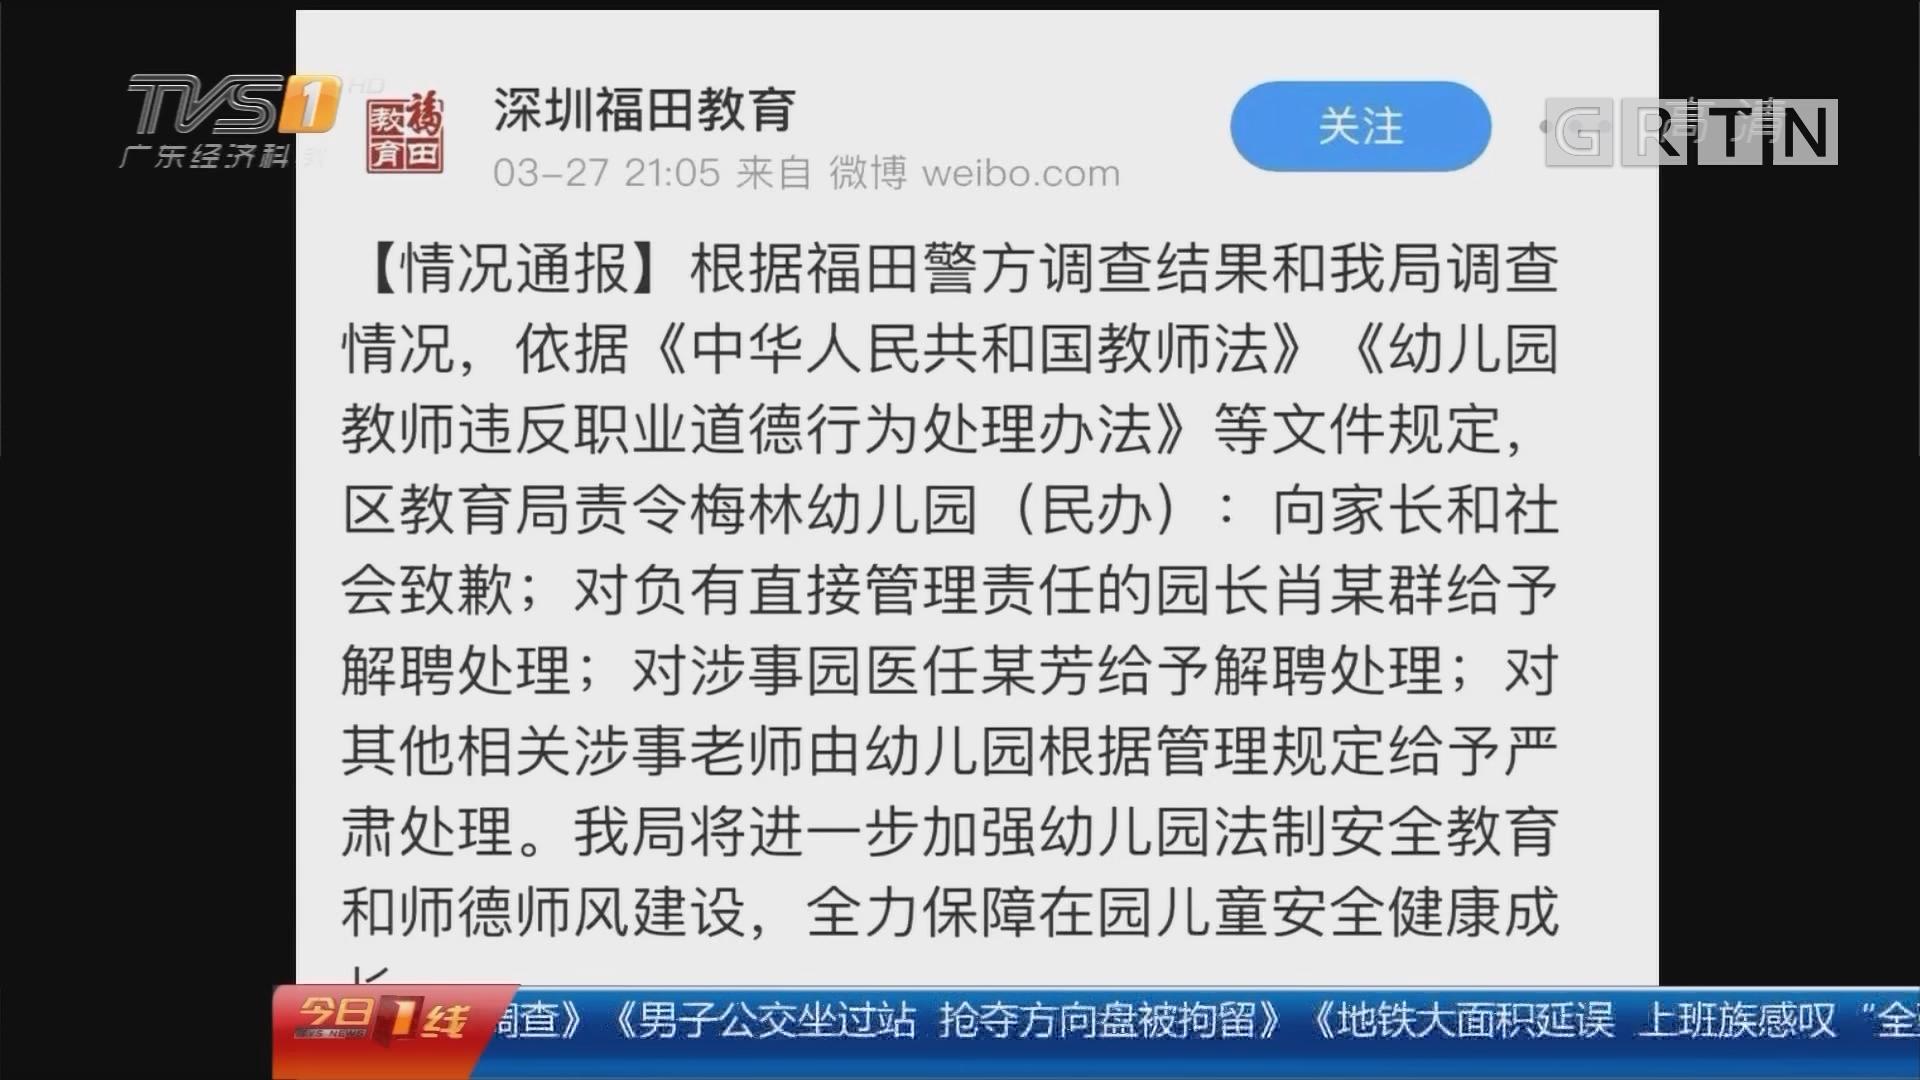 深圳:警方通报幼儿园男童被拍事件 6人被处罚